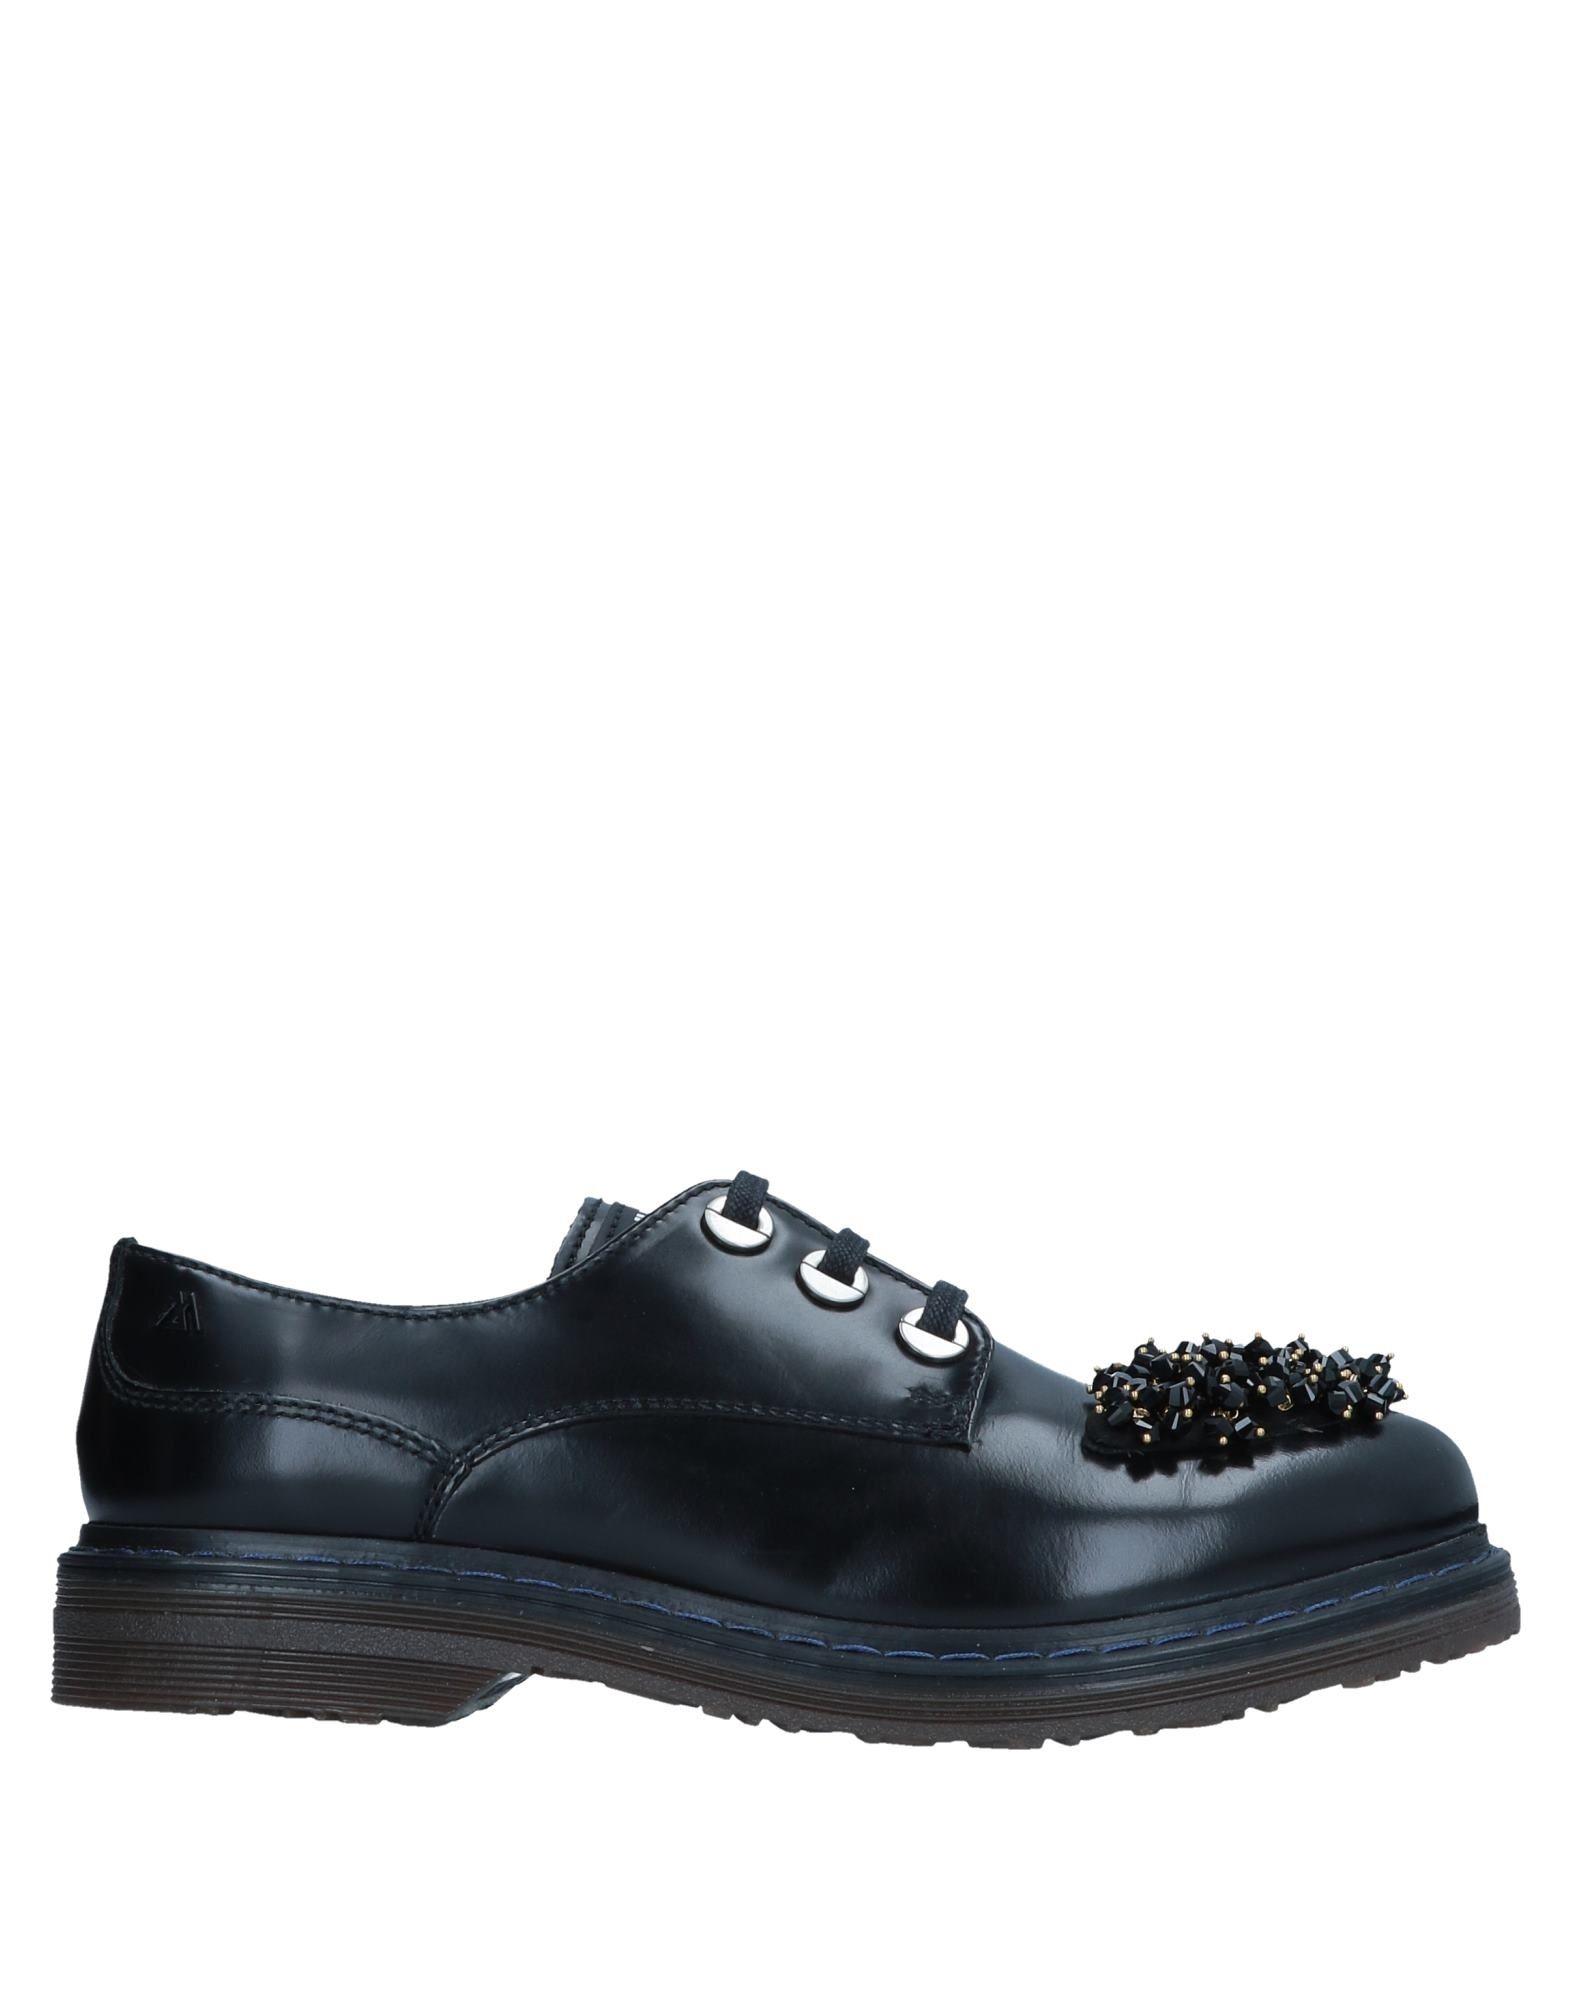 Just Another Copy Schnürschuhe Damen  11546536TG Gute Qualität beliebte Schuhe